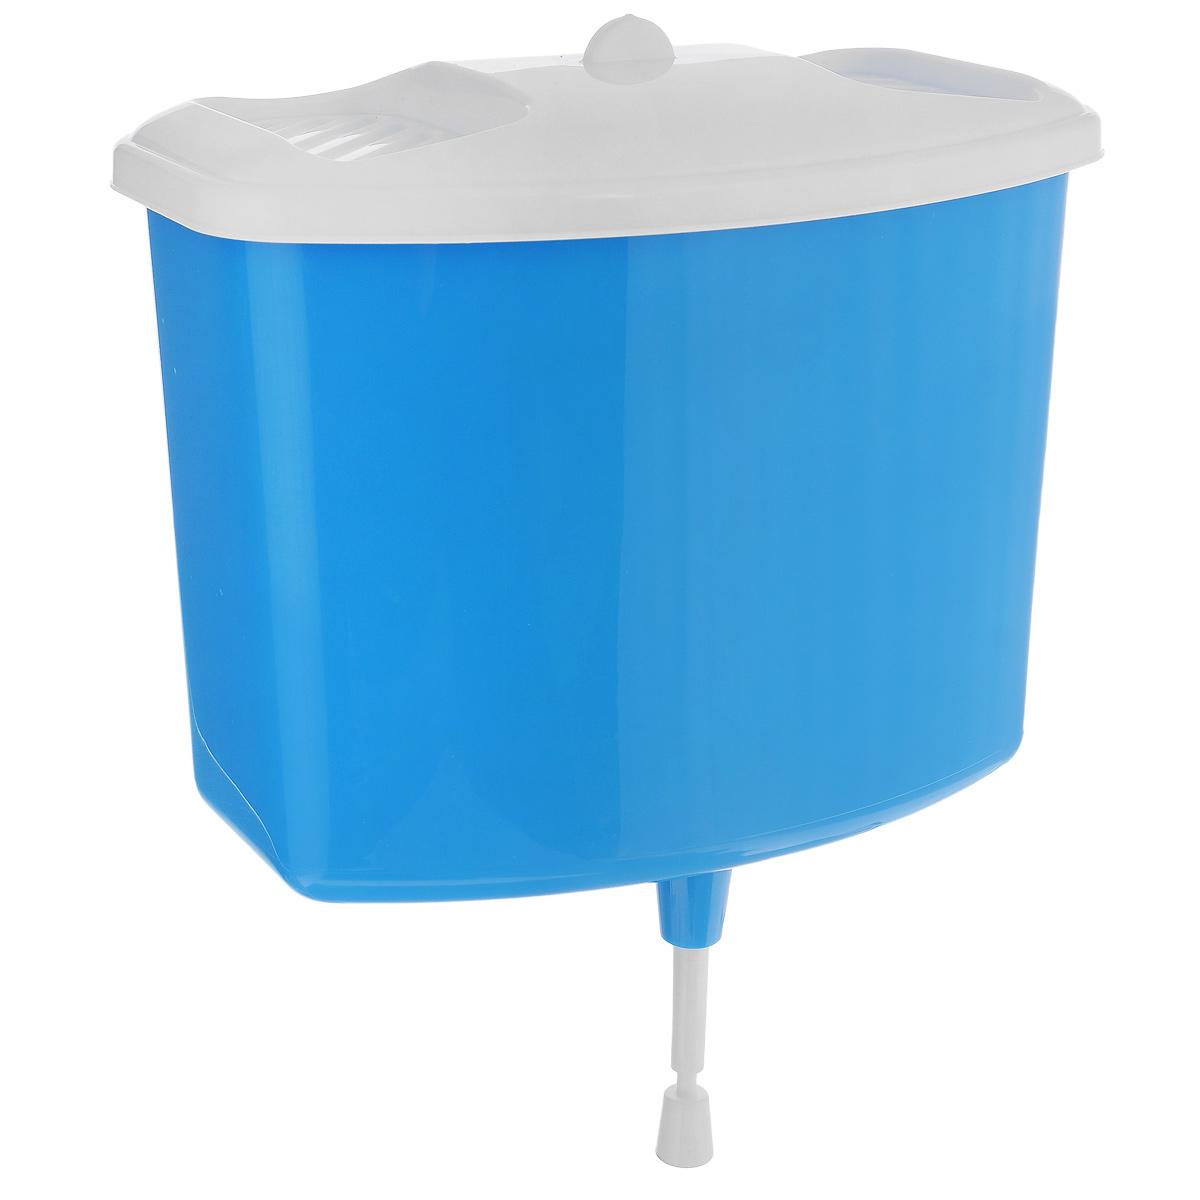 Рукомойник Альтернатива, цвет: голубой, 5 лМ367 голубойРукомойник Альтернатива изготовлен из пластика. Он предназначен для умывания в саду или на даче. Яркий и красочный, он отлично впишется в окружающую обстановку. Петли предоставляют вертикальное крепление рукомойника. Изделие оснащено крышкой, которая предотвращает попадание мусора. Также на крышке имеет две выемки для мыла. Рукомойник Альтернатива надежный и удобный в использовании. Размер рукомойника: 26,5 см х 15 см. Высота (без учета крышки): 23 см.